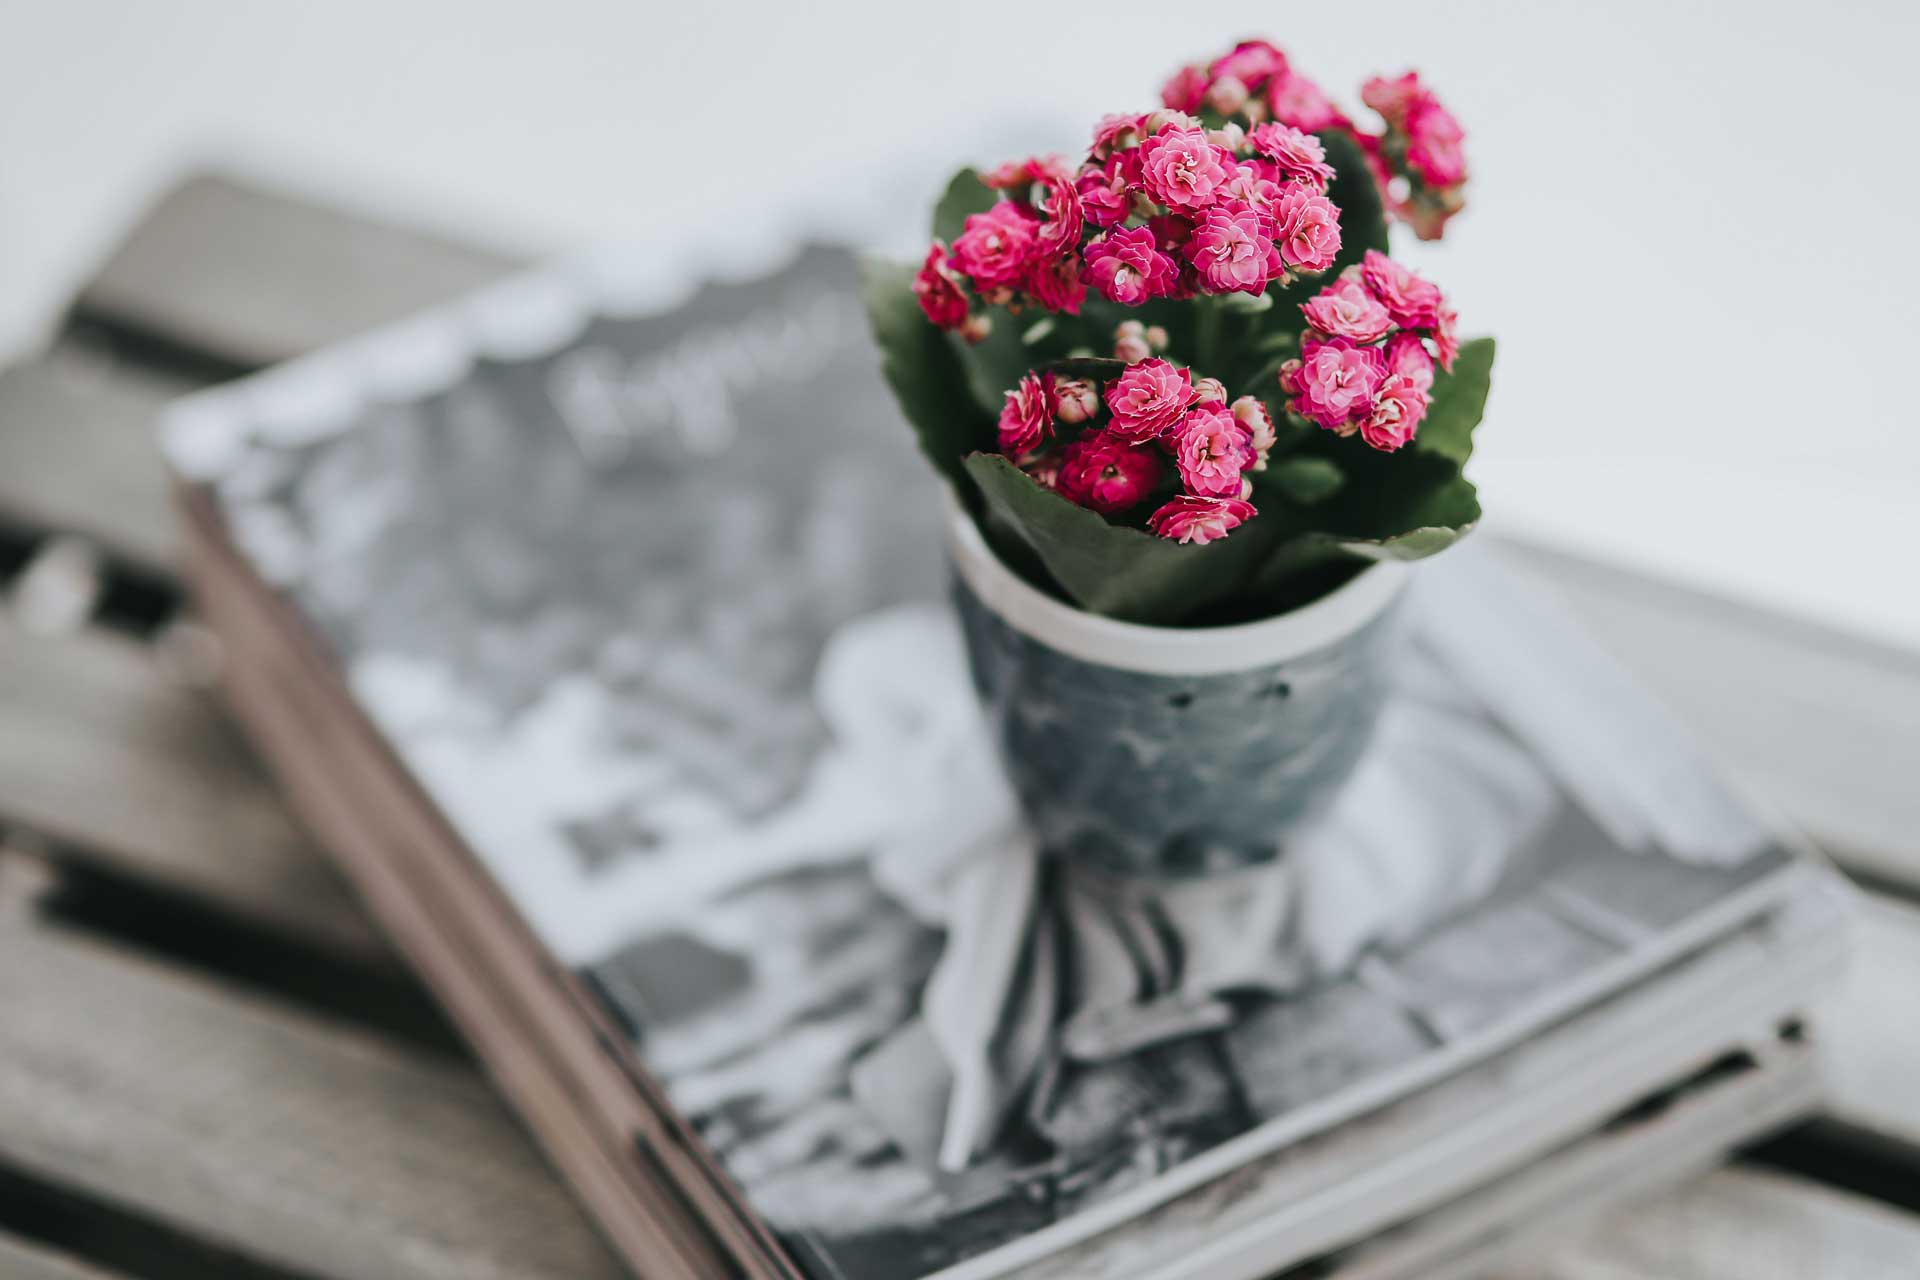 海外雑誌を積み上げて作った観葉植物の台